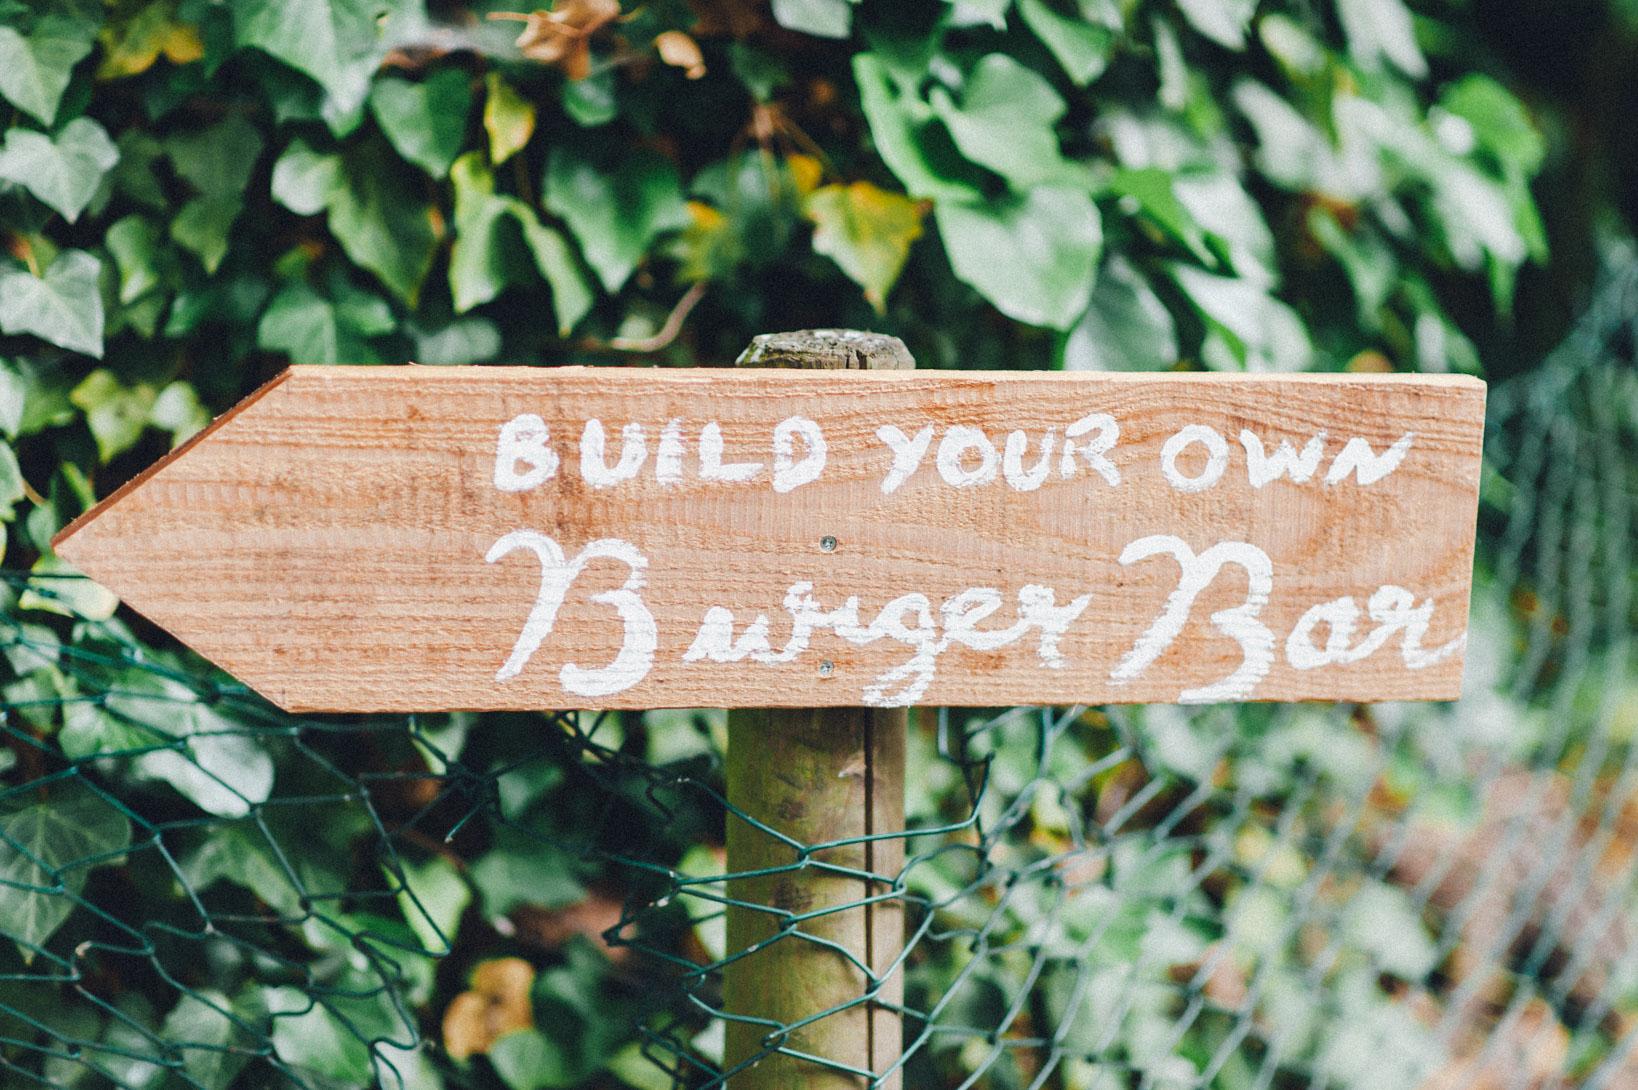 DIY-Hochzeit-gold-VW-Bully-35 Janet & Pierre DIY Midsummer-Wedding in Gold mit VW BulliDIY Hochzeit gold VW Bully 35